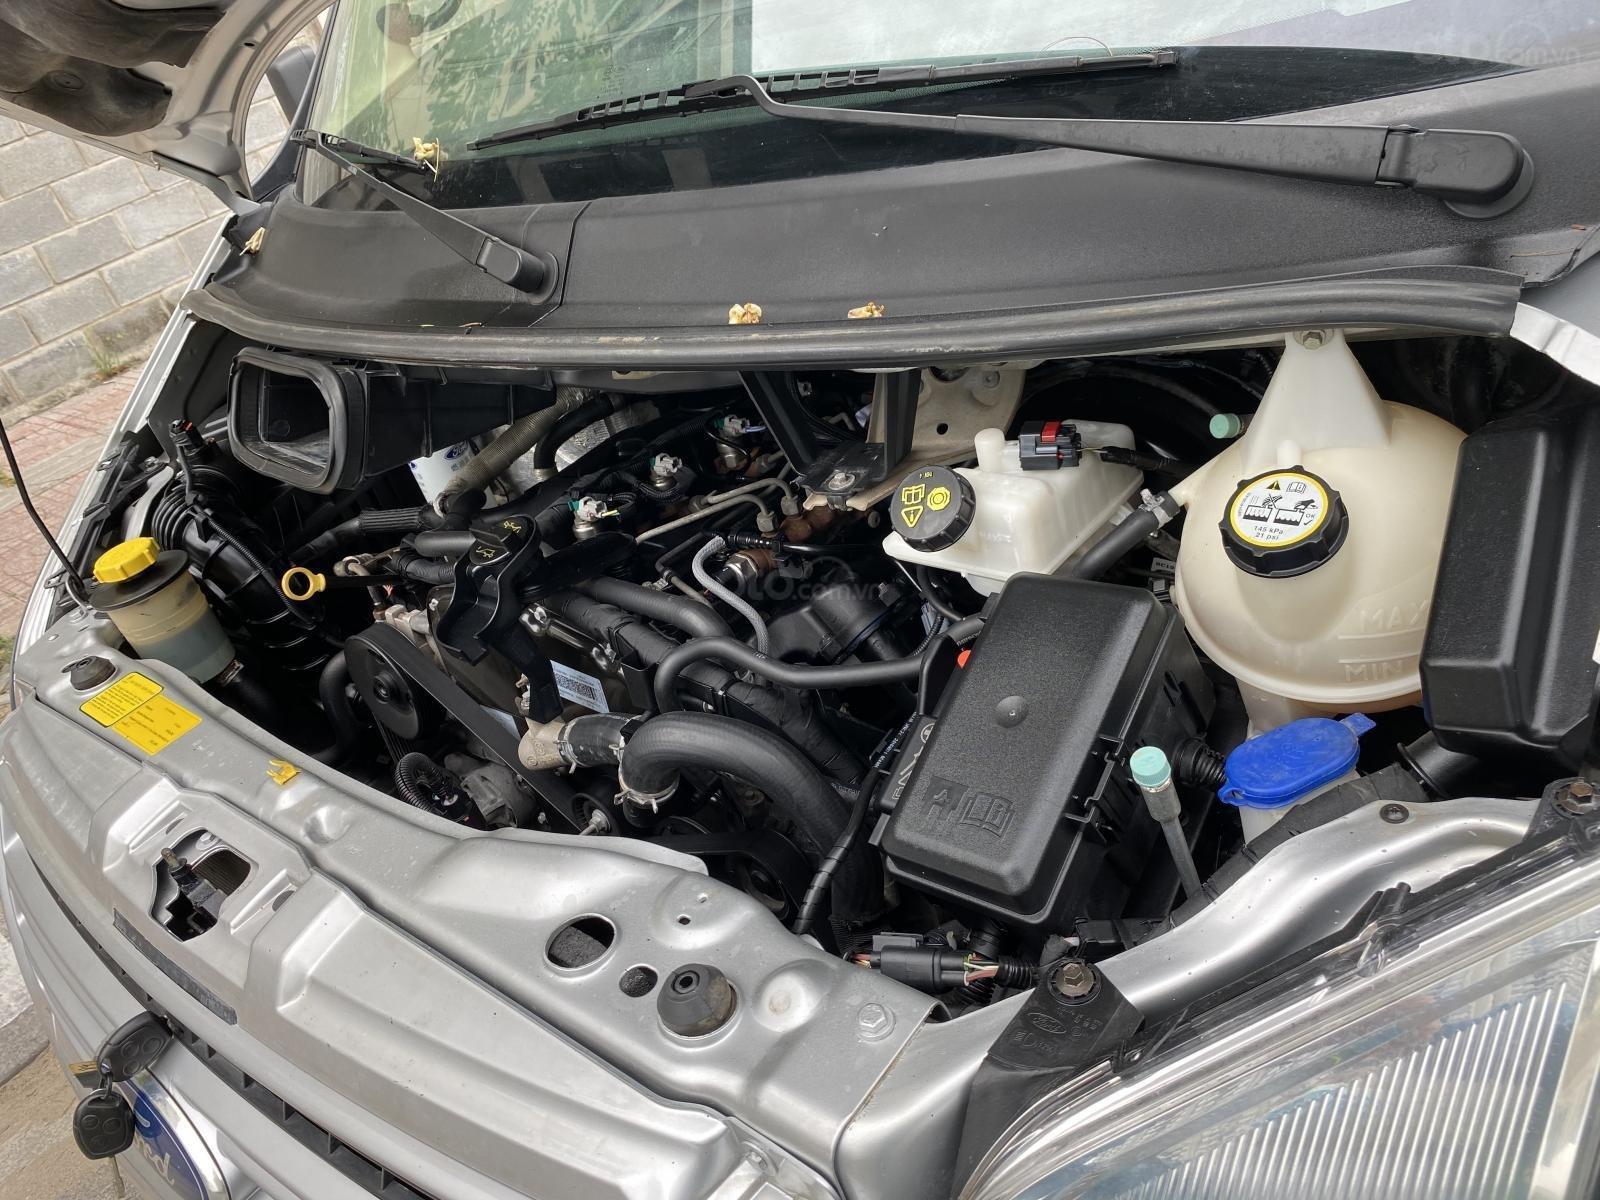 Cần bán Ford Transit van 6 chỗ ngồi 850kg sx 2015, gầm bệ chắc, xe đẹp được sử dụng lưu hành trong giờ cấm (13)